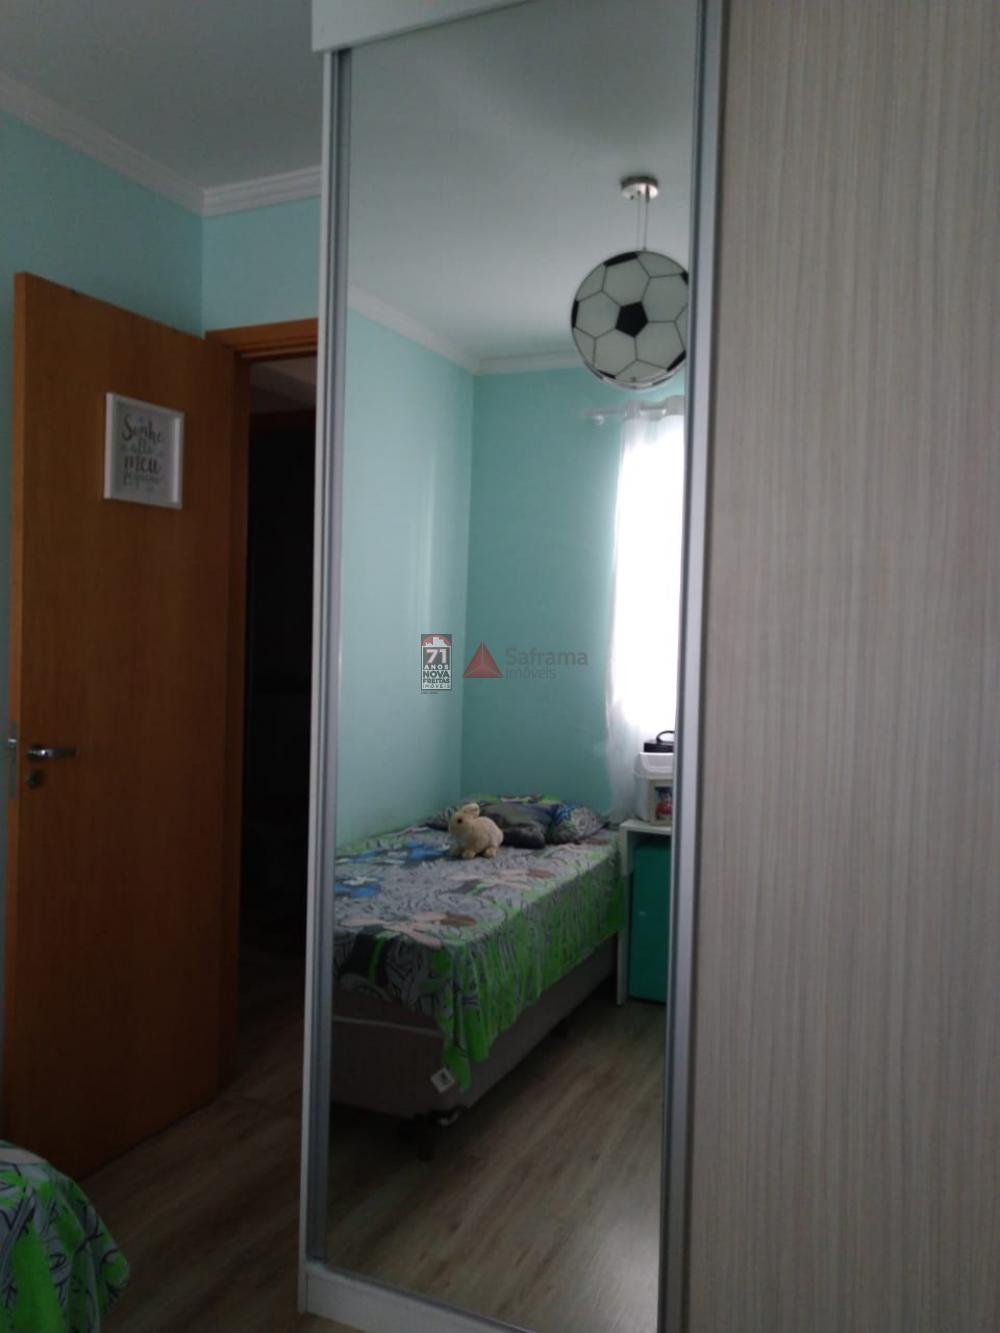 Comprar Apartamento / Padrão em São José dos Campos apenas R$ 630.000,00 - Foto 7